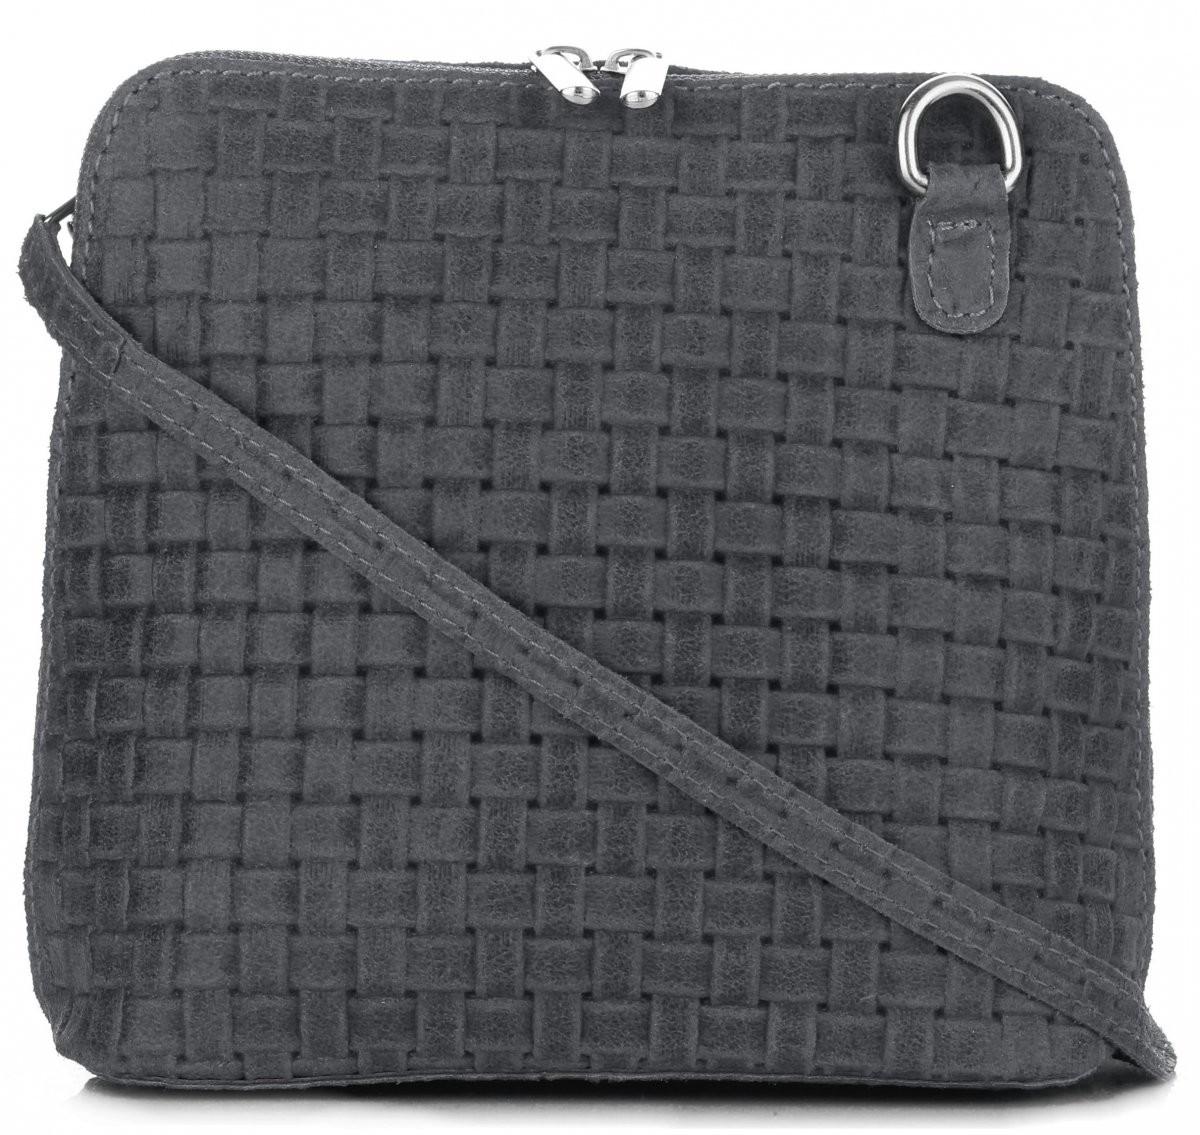 72389094 Genuine Leather Torebki Skórzane Małe Włoskie Listonoszki na co Dzień firmy  Grafitowe (kolory) A7graf